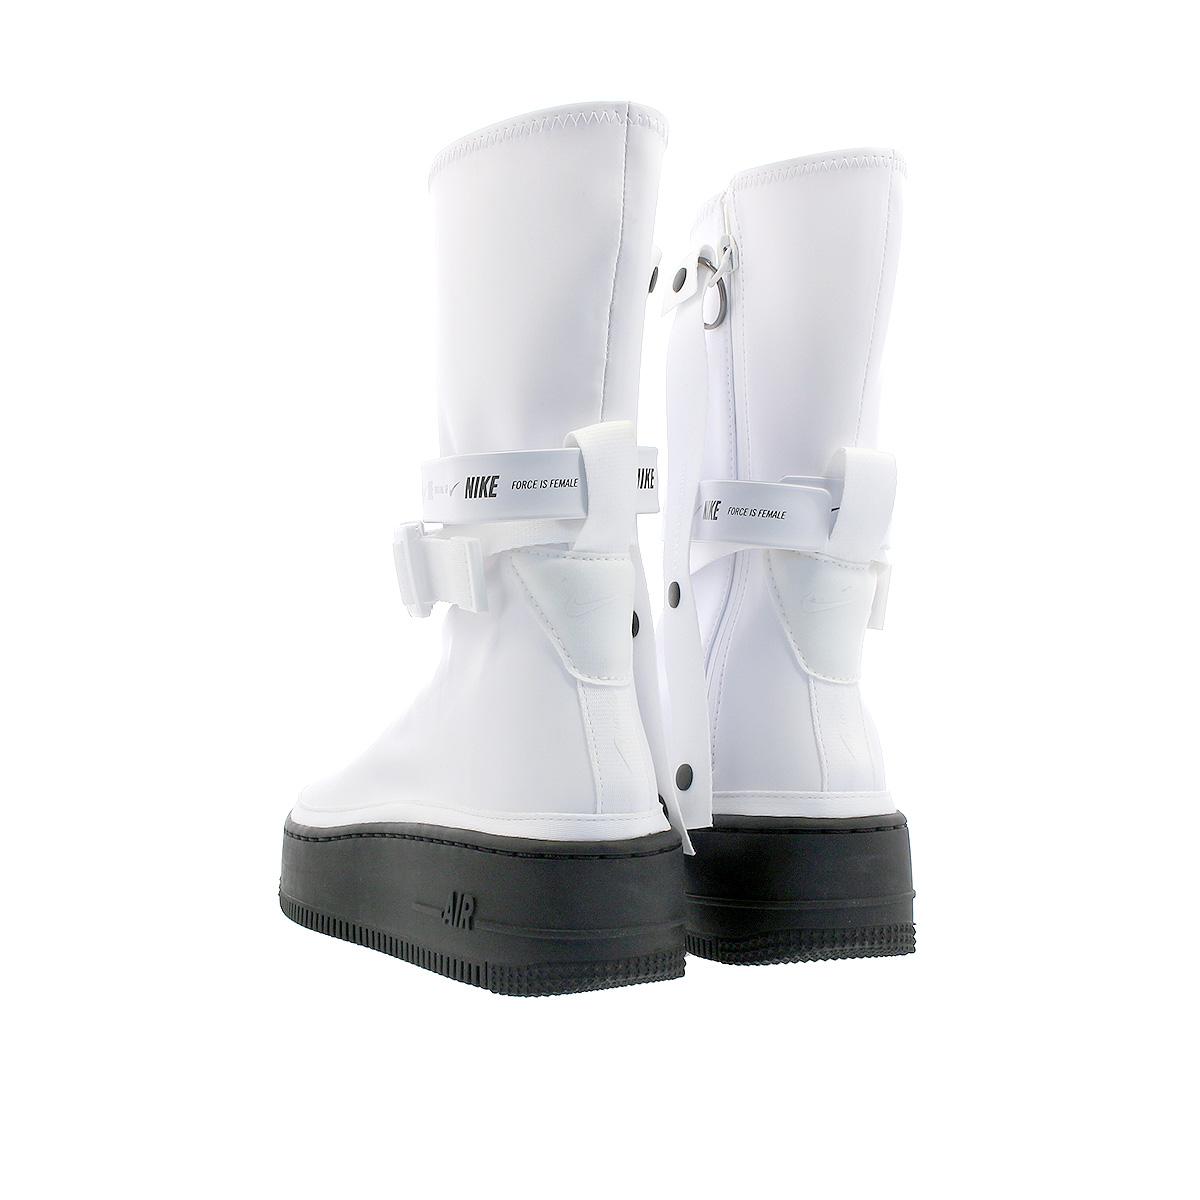 hot sales 721e8 d184c NIKE WMNS AIR FORCE 1 SAGE HI XX Nike women air force 1 sage high XX  WHITE/BLACK